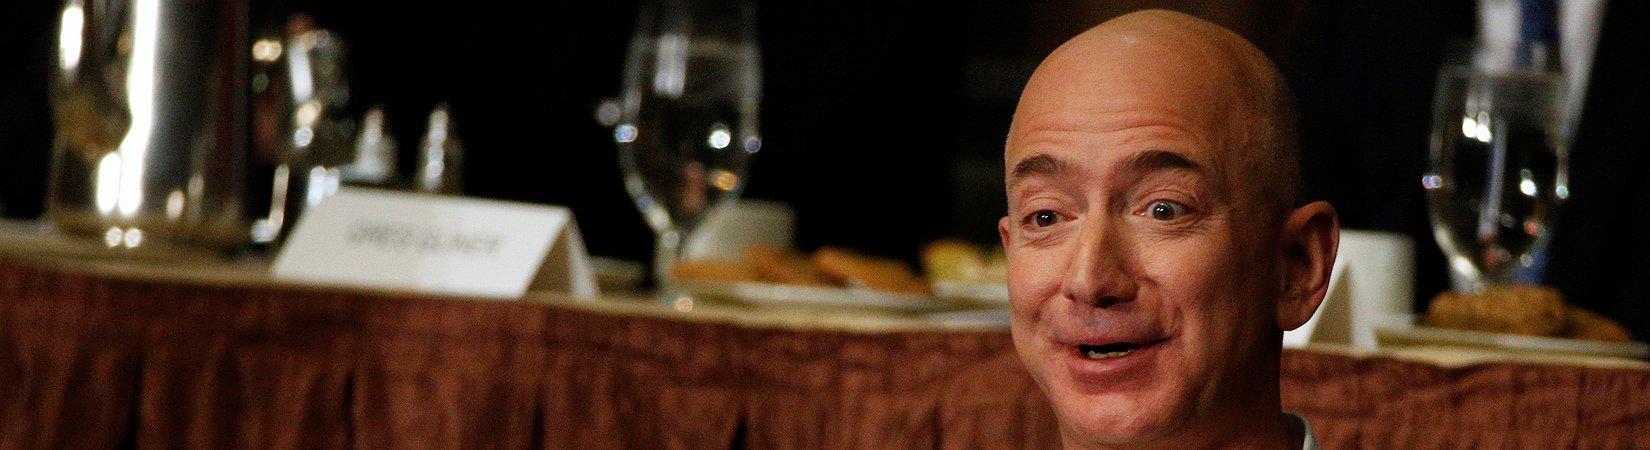 Jeff Bezos diventa il secondo uomo più ricco del mondo